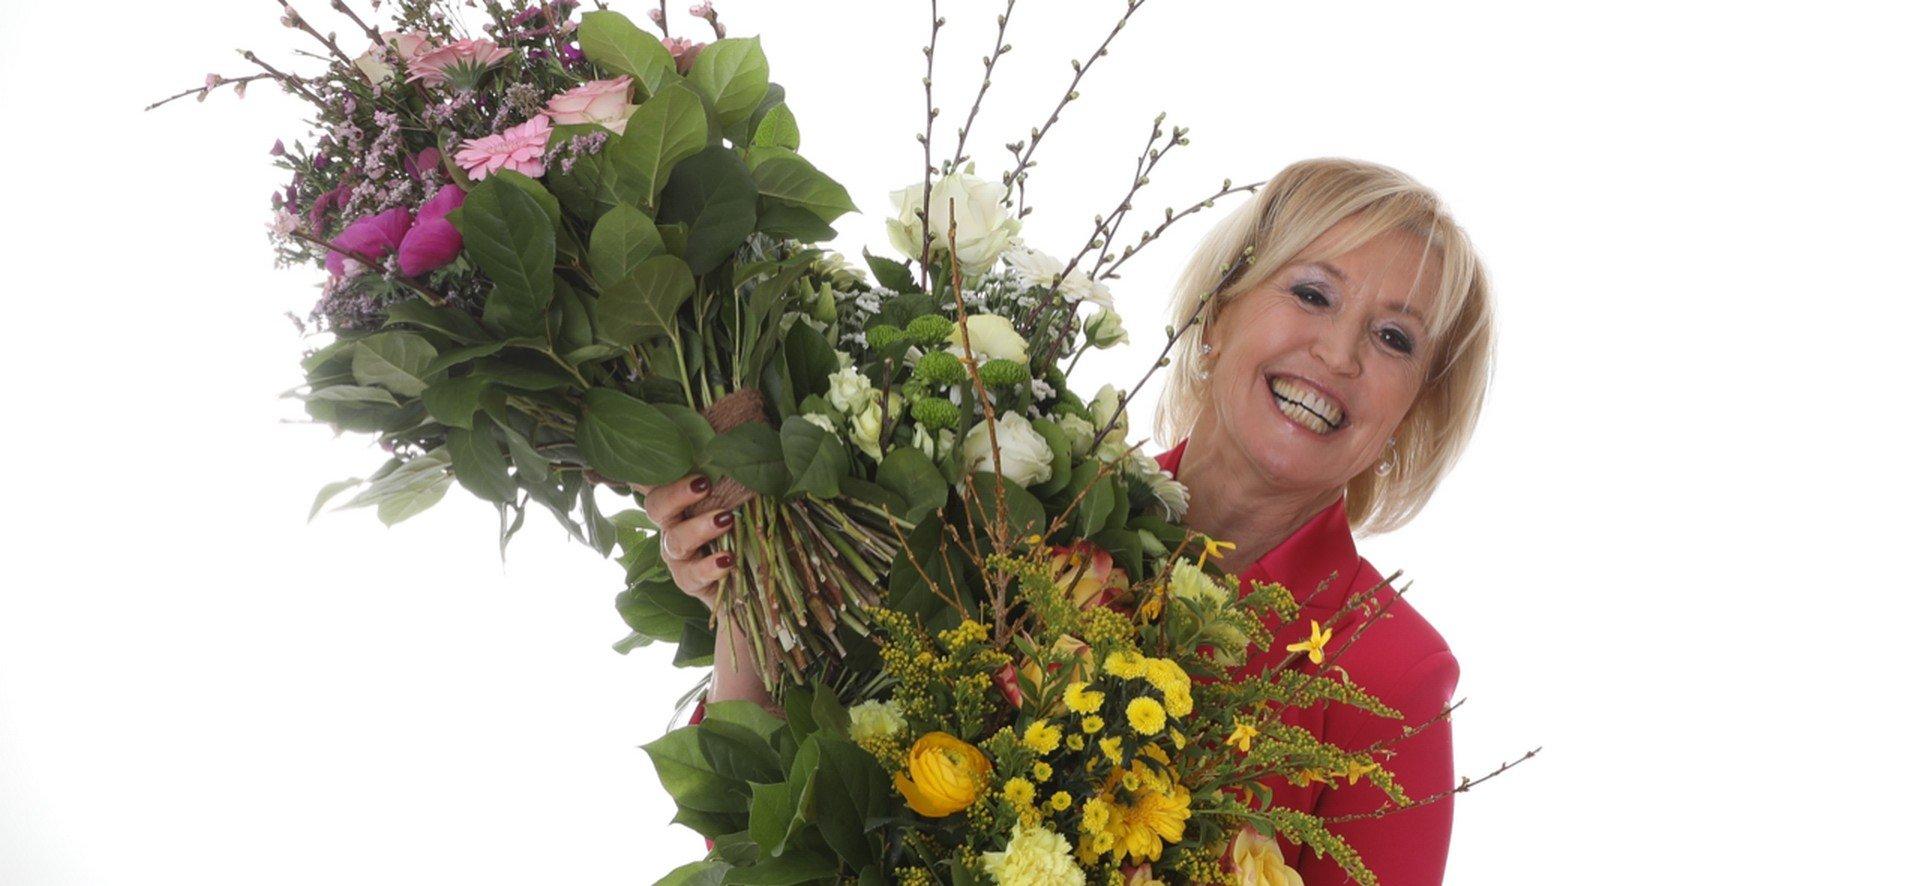 Gezondheidscoach Sonja Kimpen viert een gans jaar haar 60ste verjaardag! - Sonja Kimpen 3